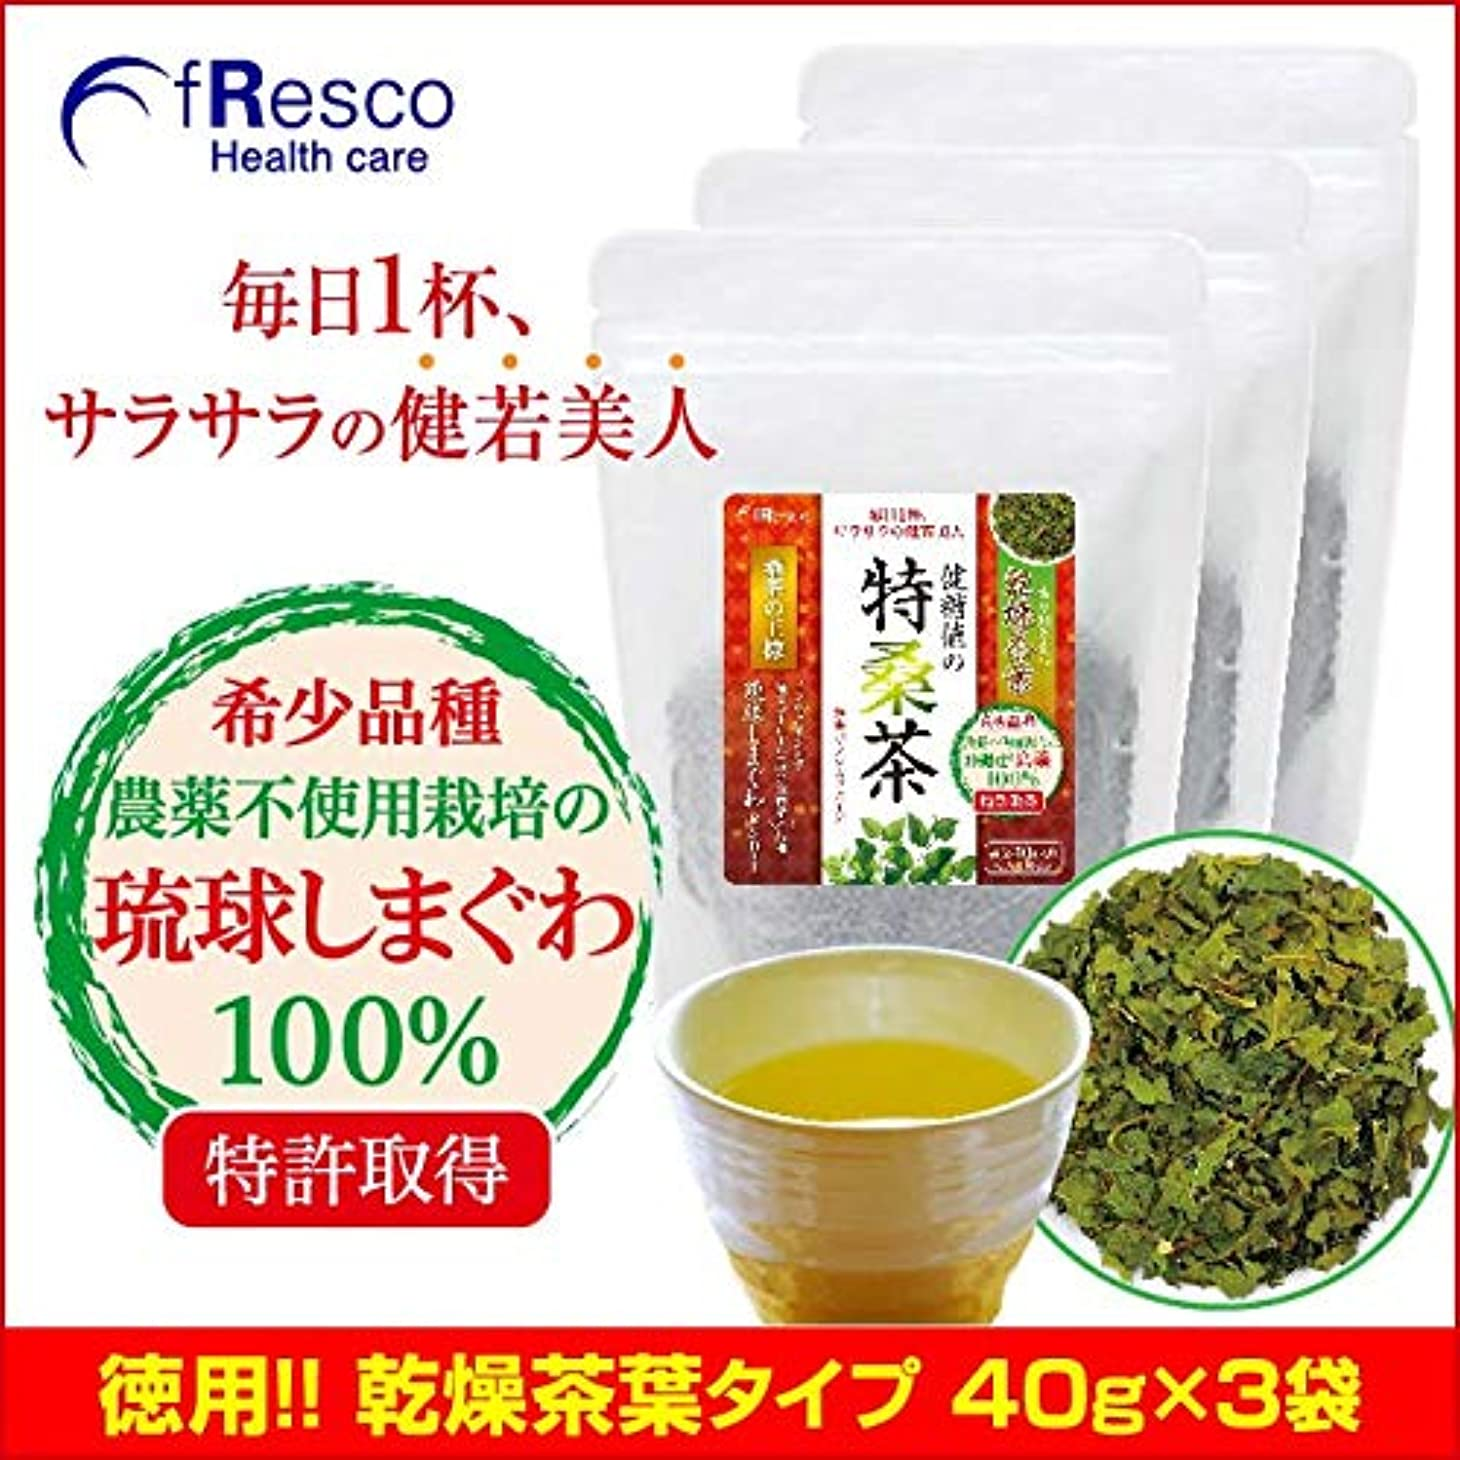 シミュレートするケニア焼く桑茶の王様 琉球しまぐわ 健糖値の特桑茶 乾燥茶葉40g 90日分(3個セット)